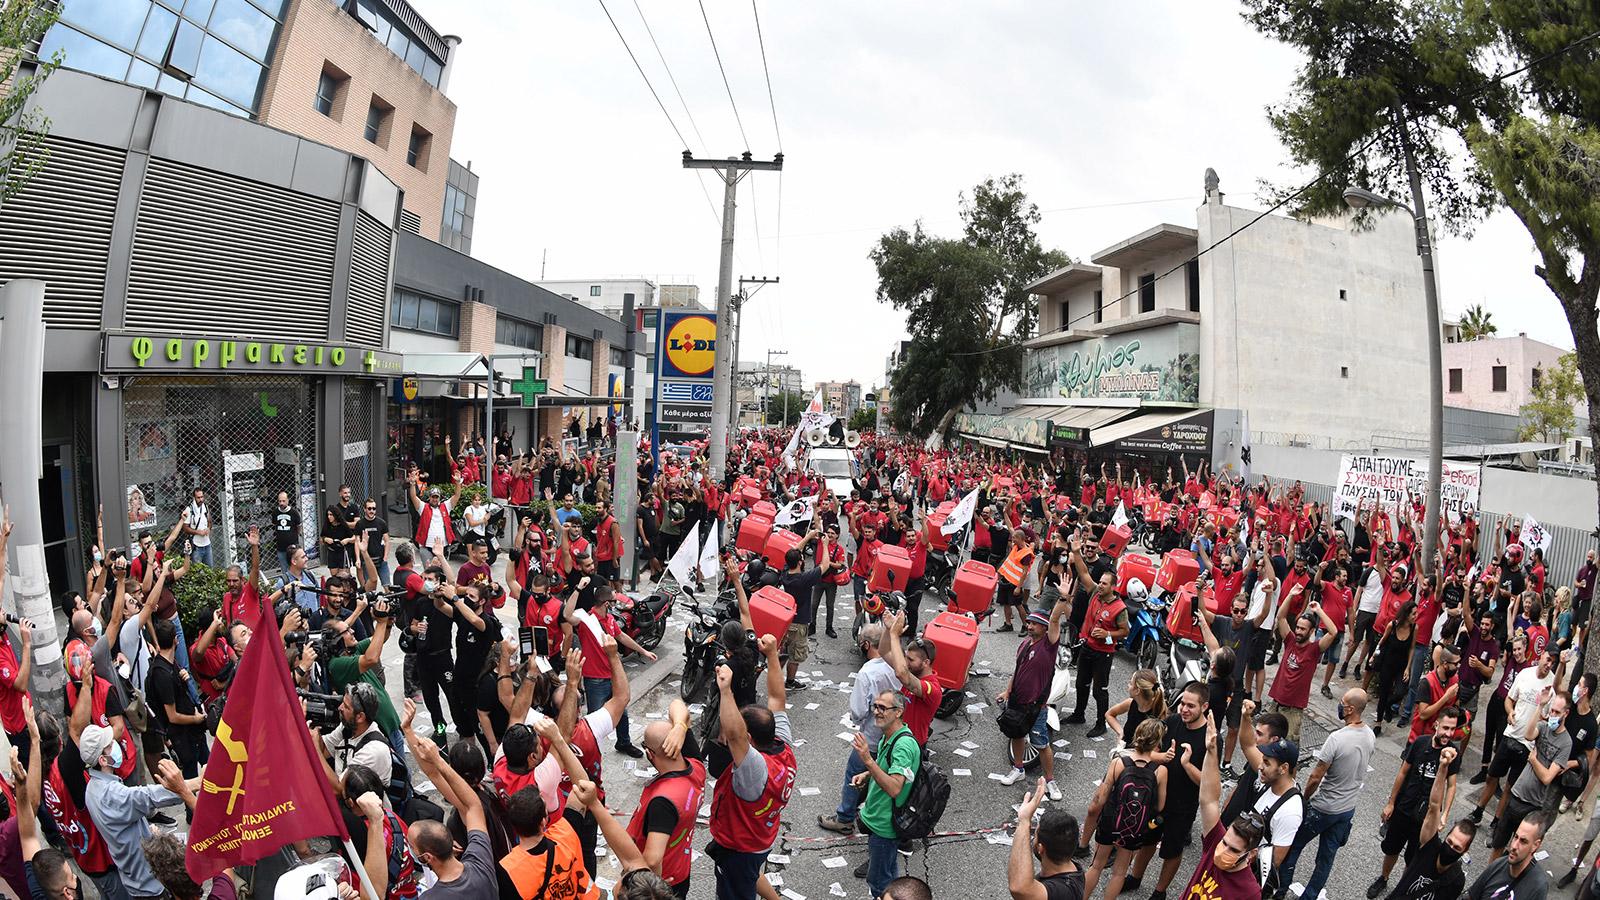 Αλληλεγγύη και στήριξη στον αγώνα των εργαζομένων της Εfood